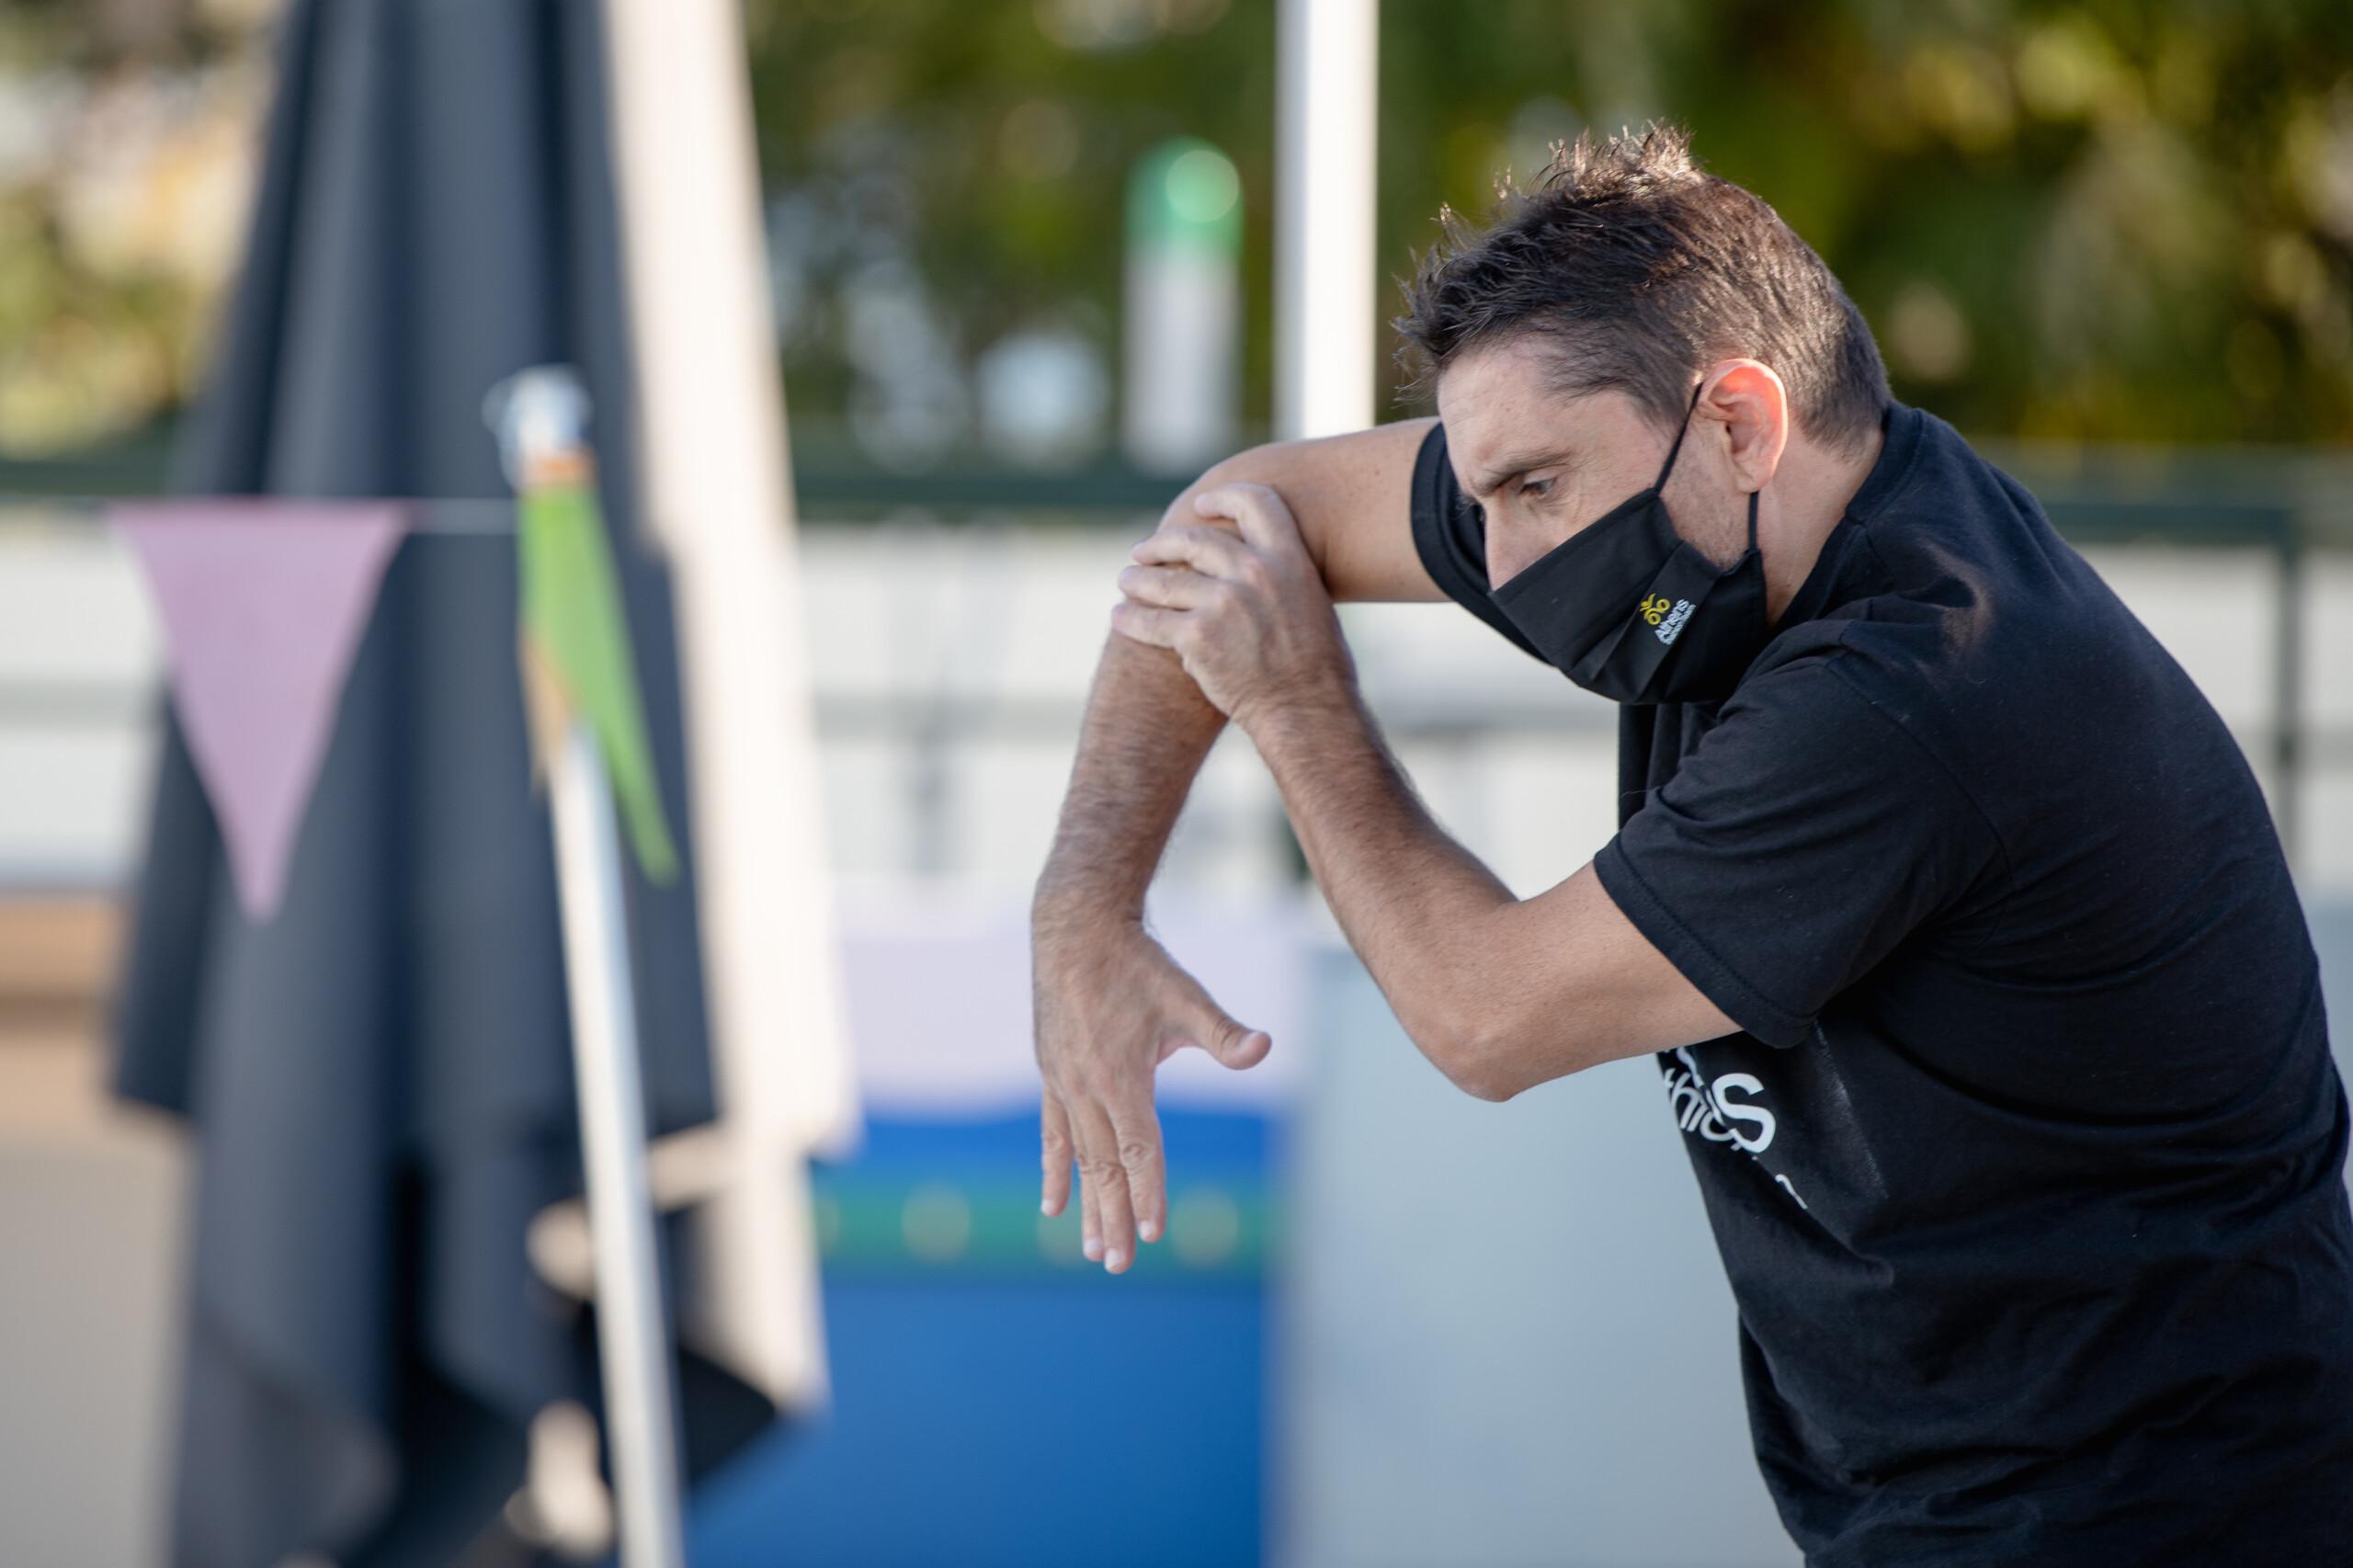 Προπόνηση κολύμβησης για τριαθλητές : Πεταλούδα